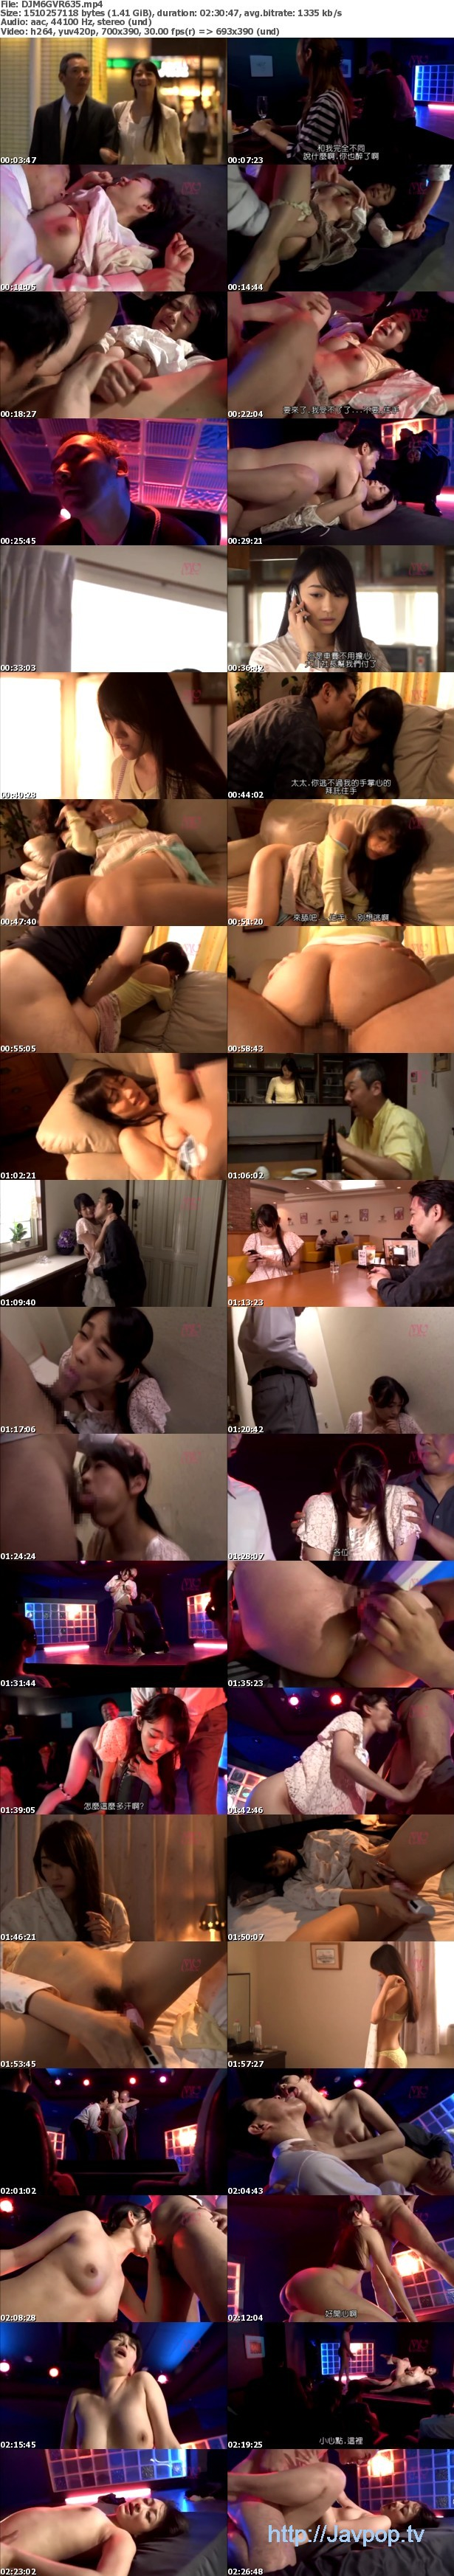 [RBD-635] 美人妻公開調教俱樂部 西野翔[中文字幕]